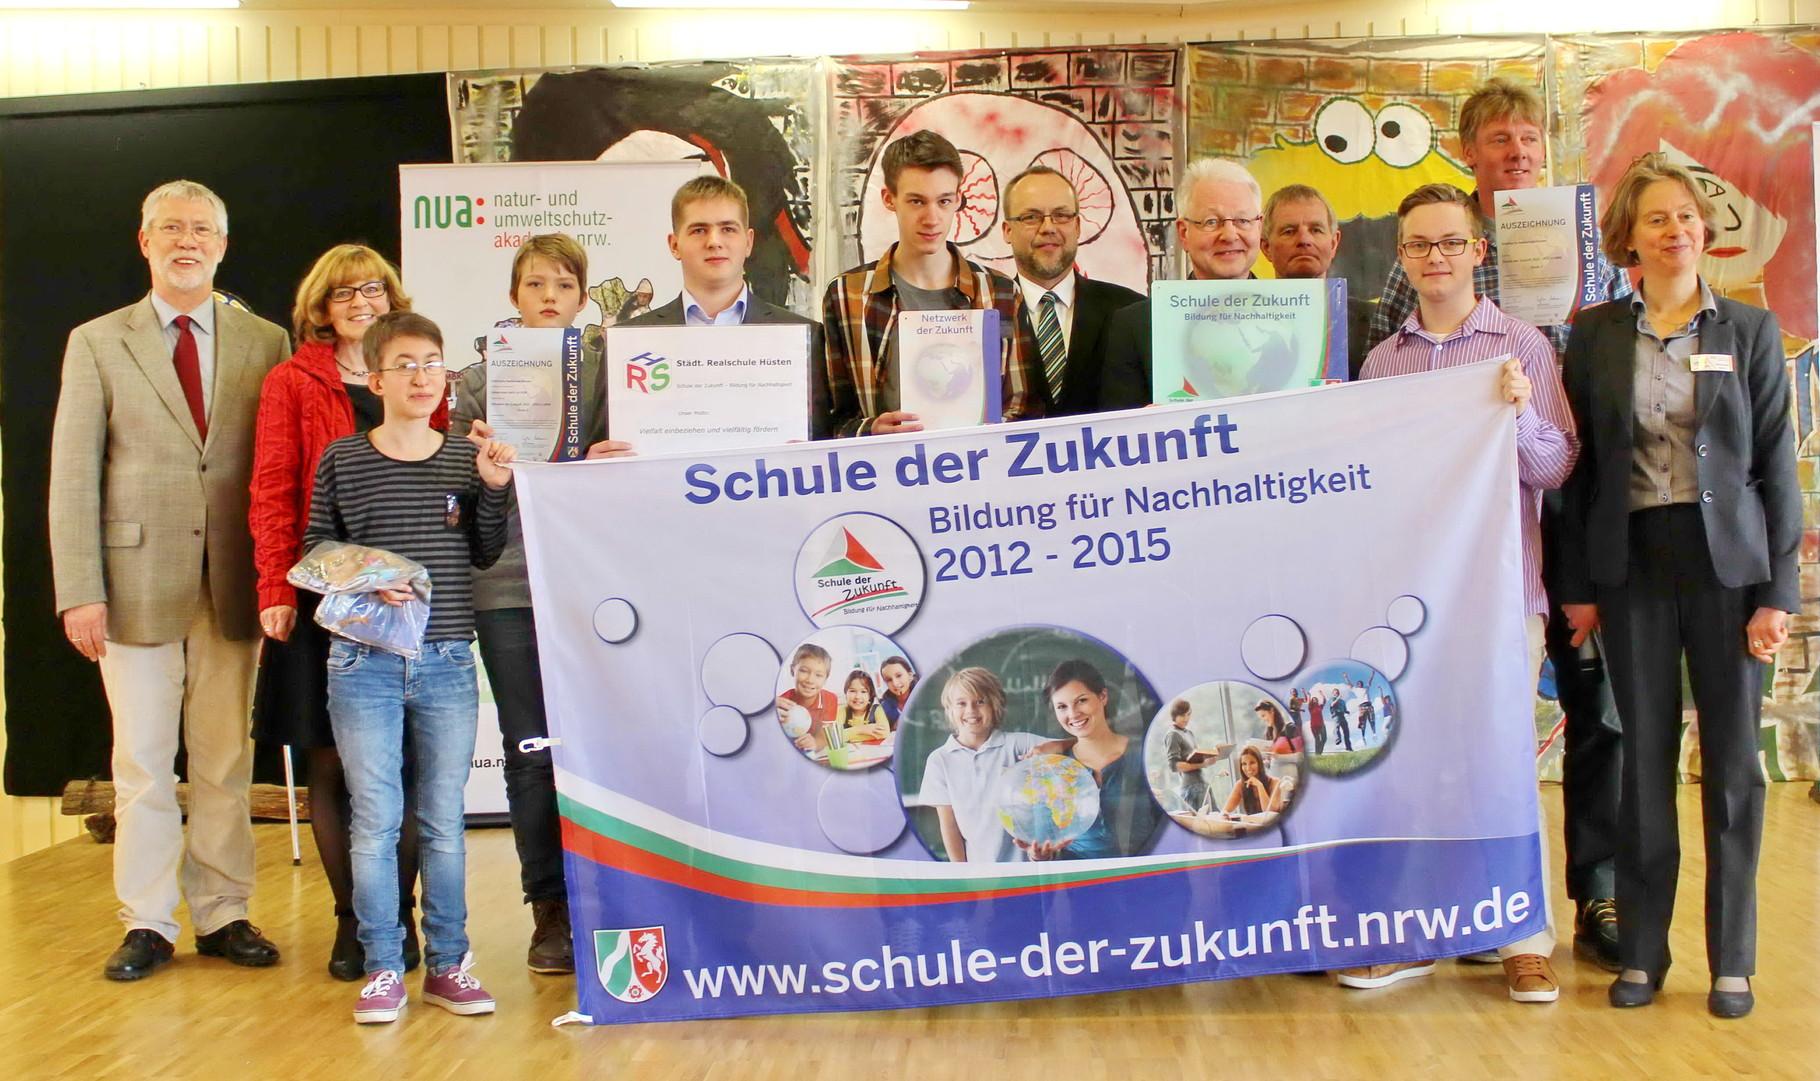 Die Hüstener Delegation mit allen Honoratioren, in der Mitte Rogér Kummer als Initiator des Projekts an der RSH